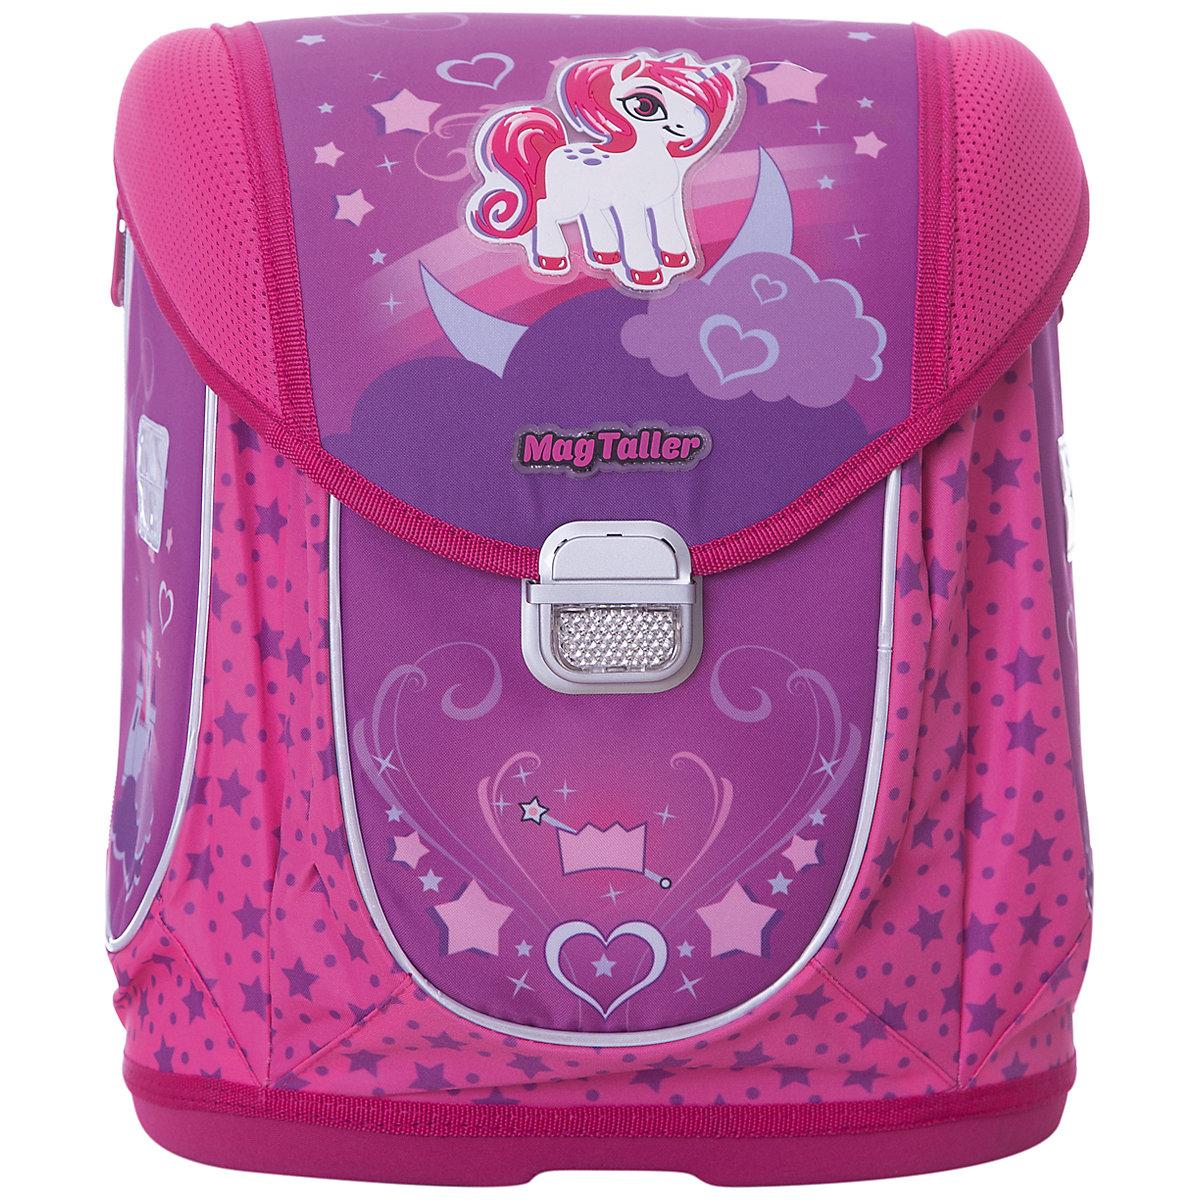 Sacs d'école MAGTALLER 8316018 cartable sac à dos sac orthopédique pour garçon et fille animaux fleurs